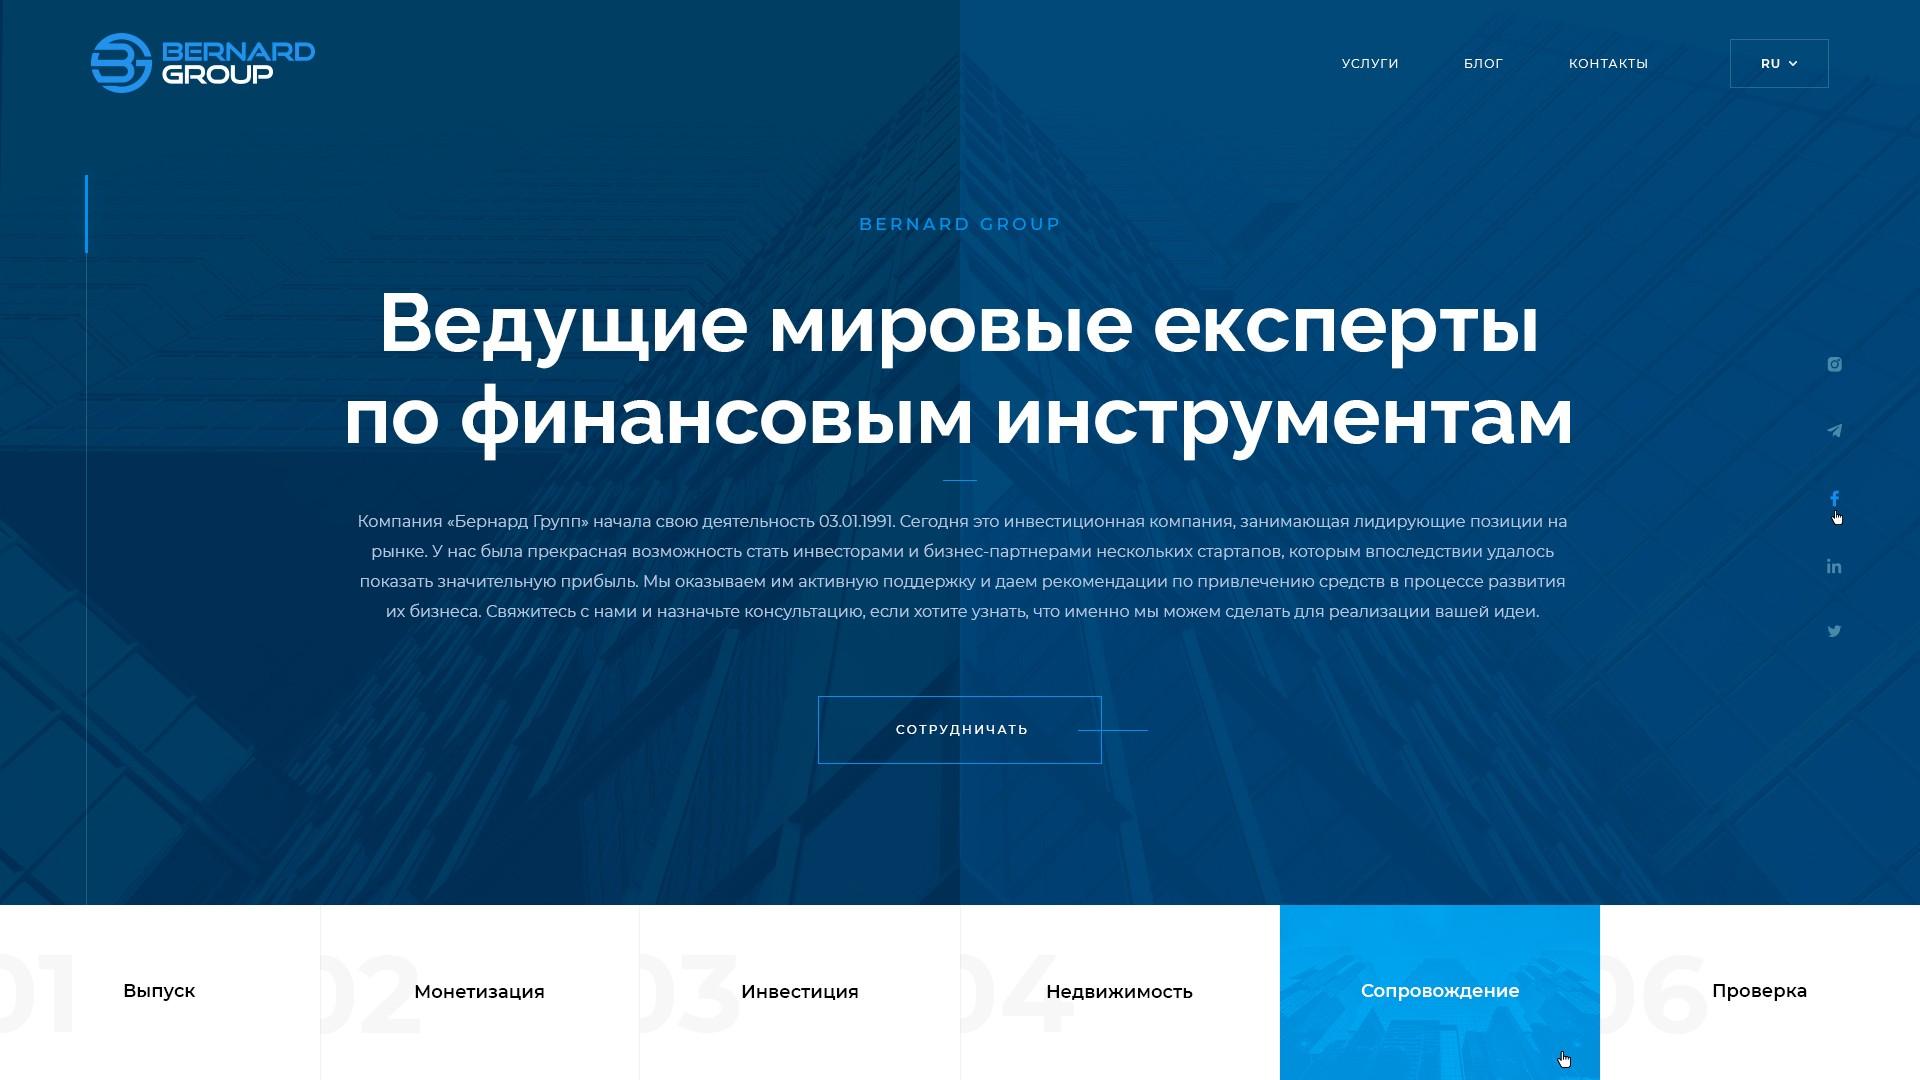 Bernard_Group_01_First_Screen_Page_2.0